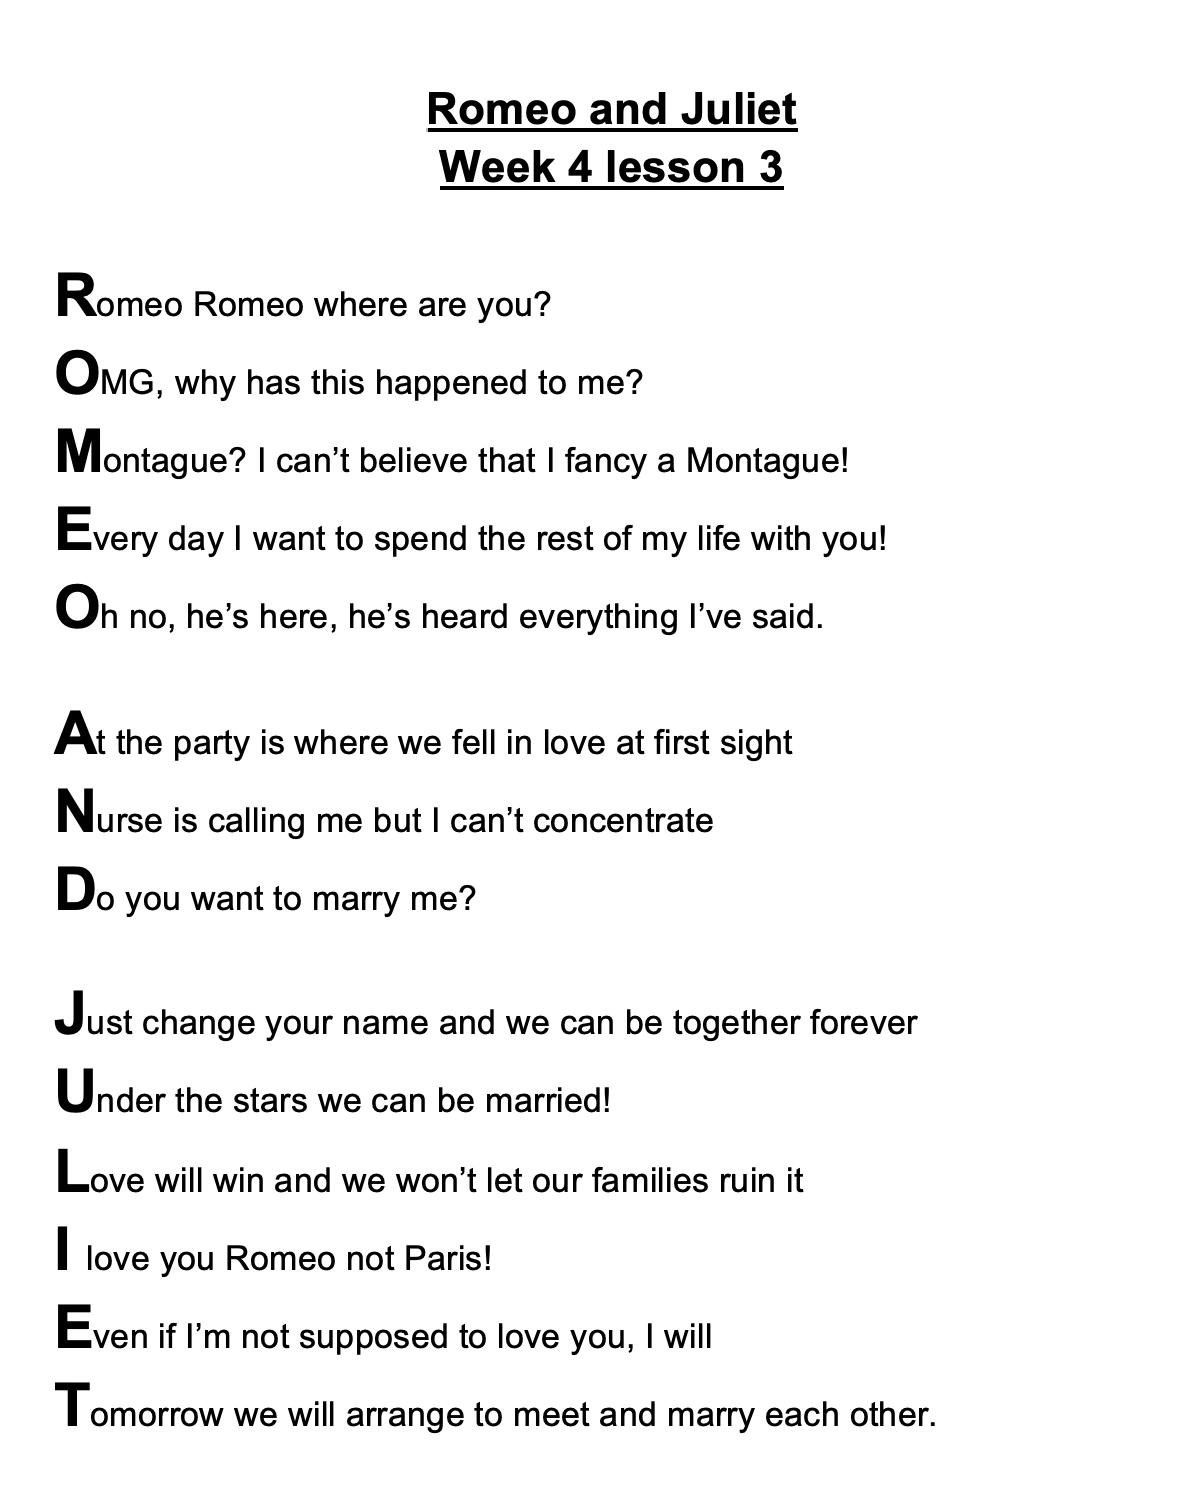 21/05/20 - R&J Poem